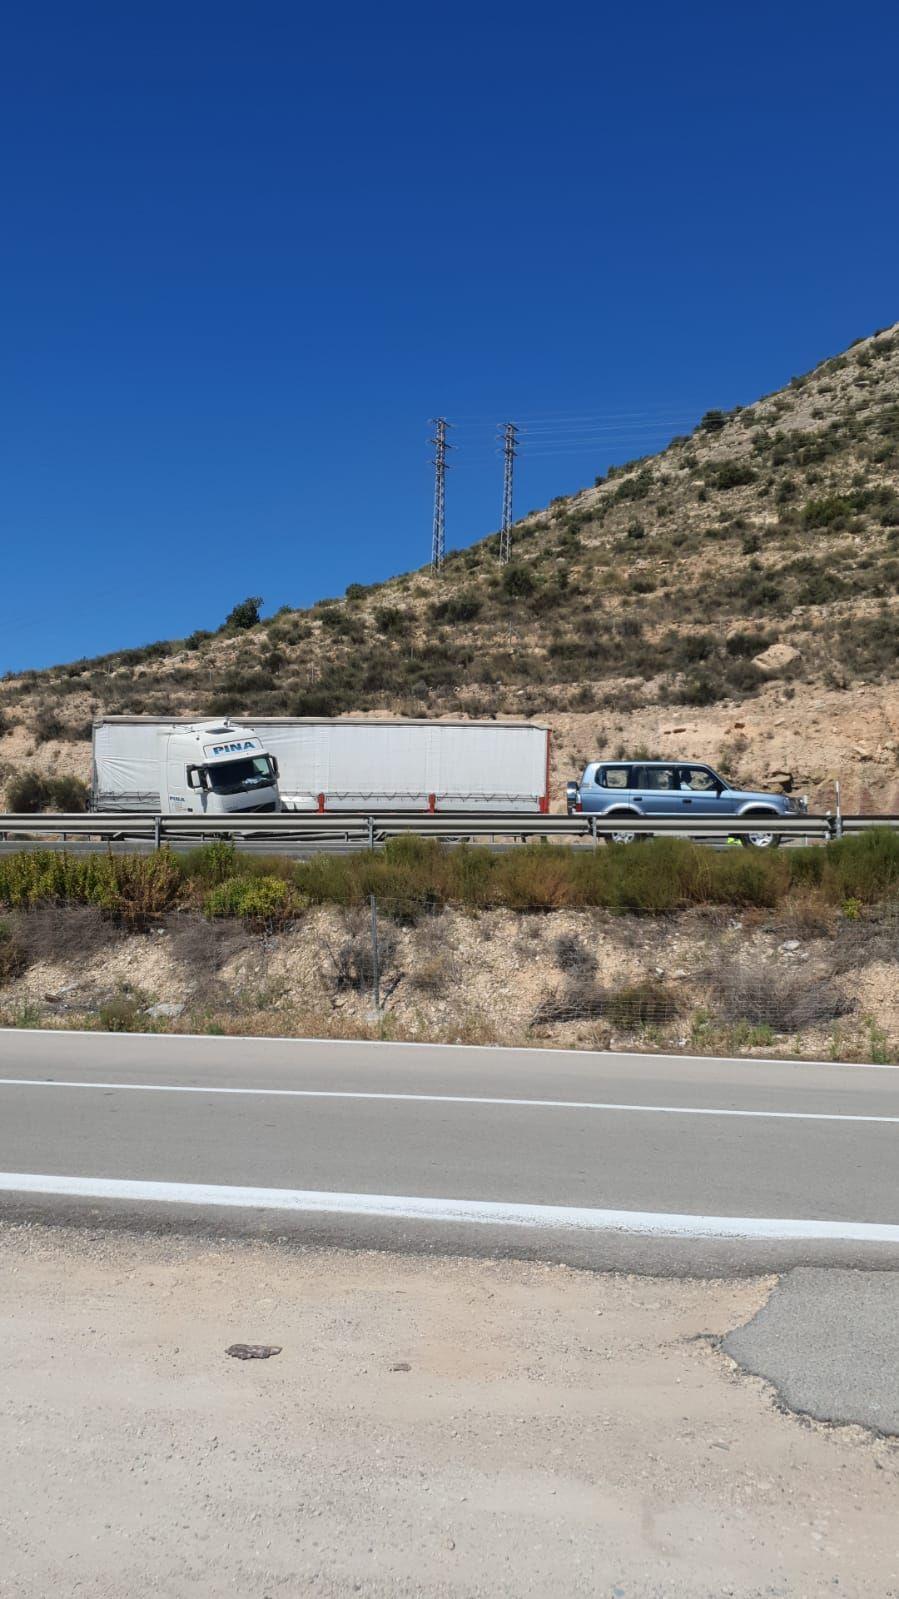 Un camión accidentado provoca 7 kilómetros de retenciones en la A-31 entre Elda y Novelda